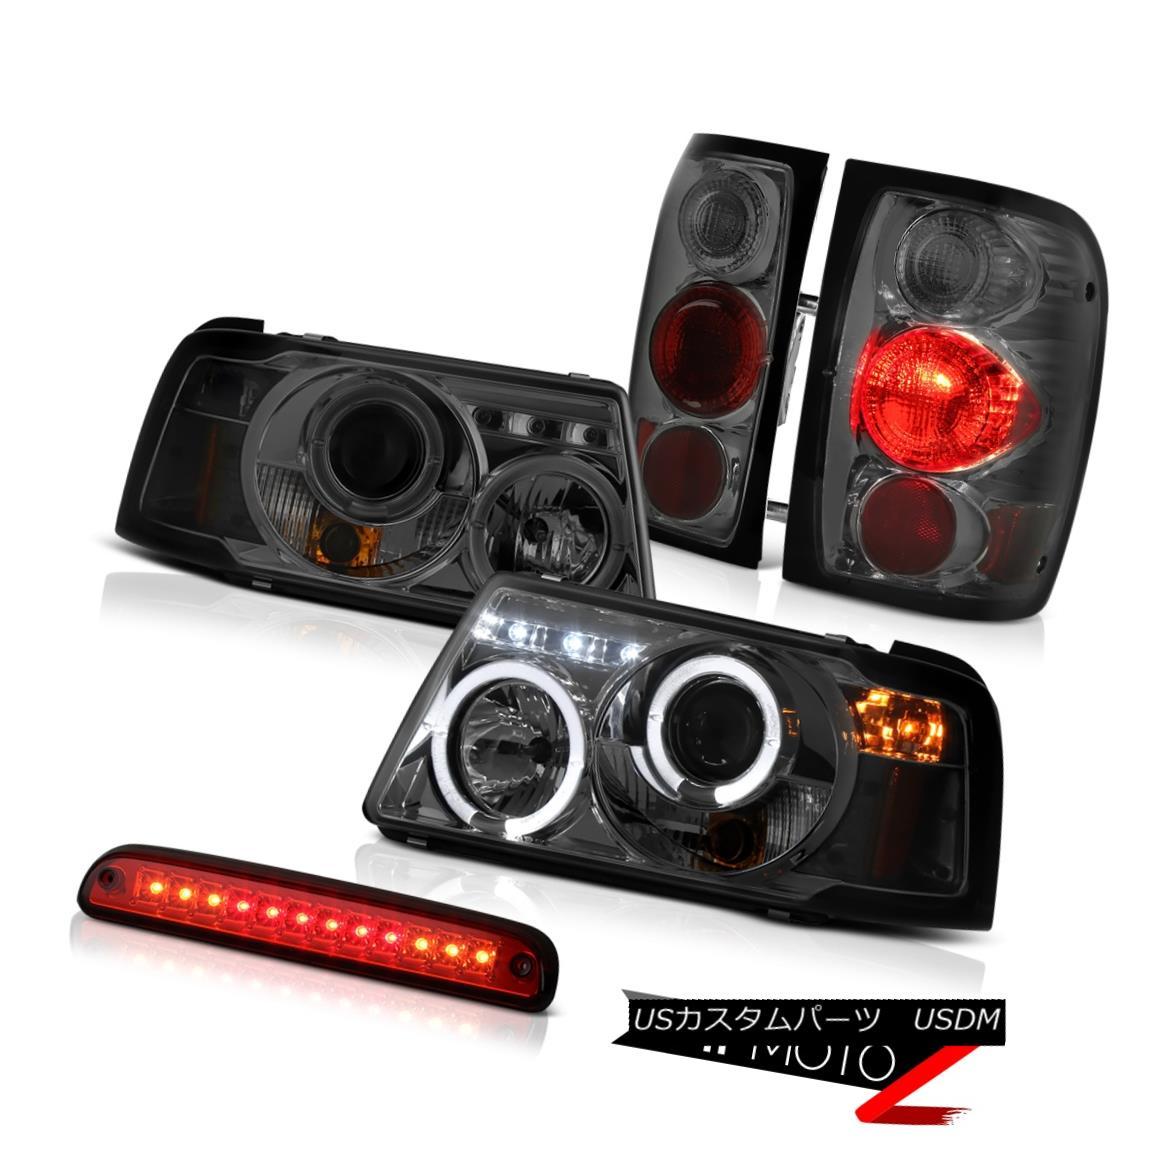 ヘッドライト Dark Halo Projector Tail Lights Brake Lamps Roof Stop LED Red 01-11 Ranger 4.0L ダークハロープロジェクターテールライトブレーキランプルーフストップLEDレッド01-11レンジャー4.0L